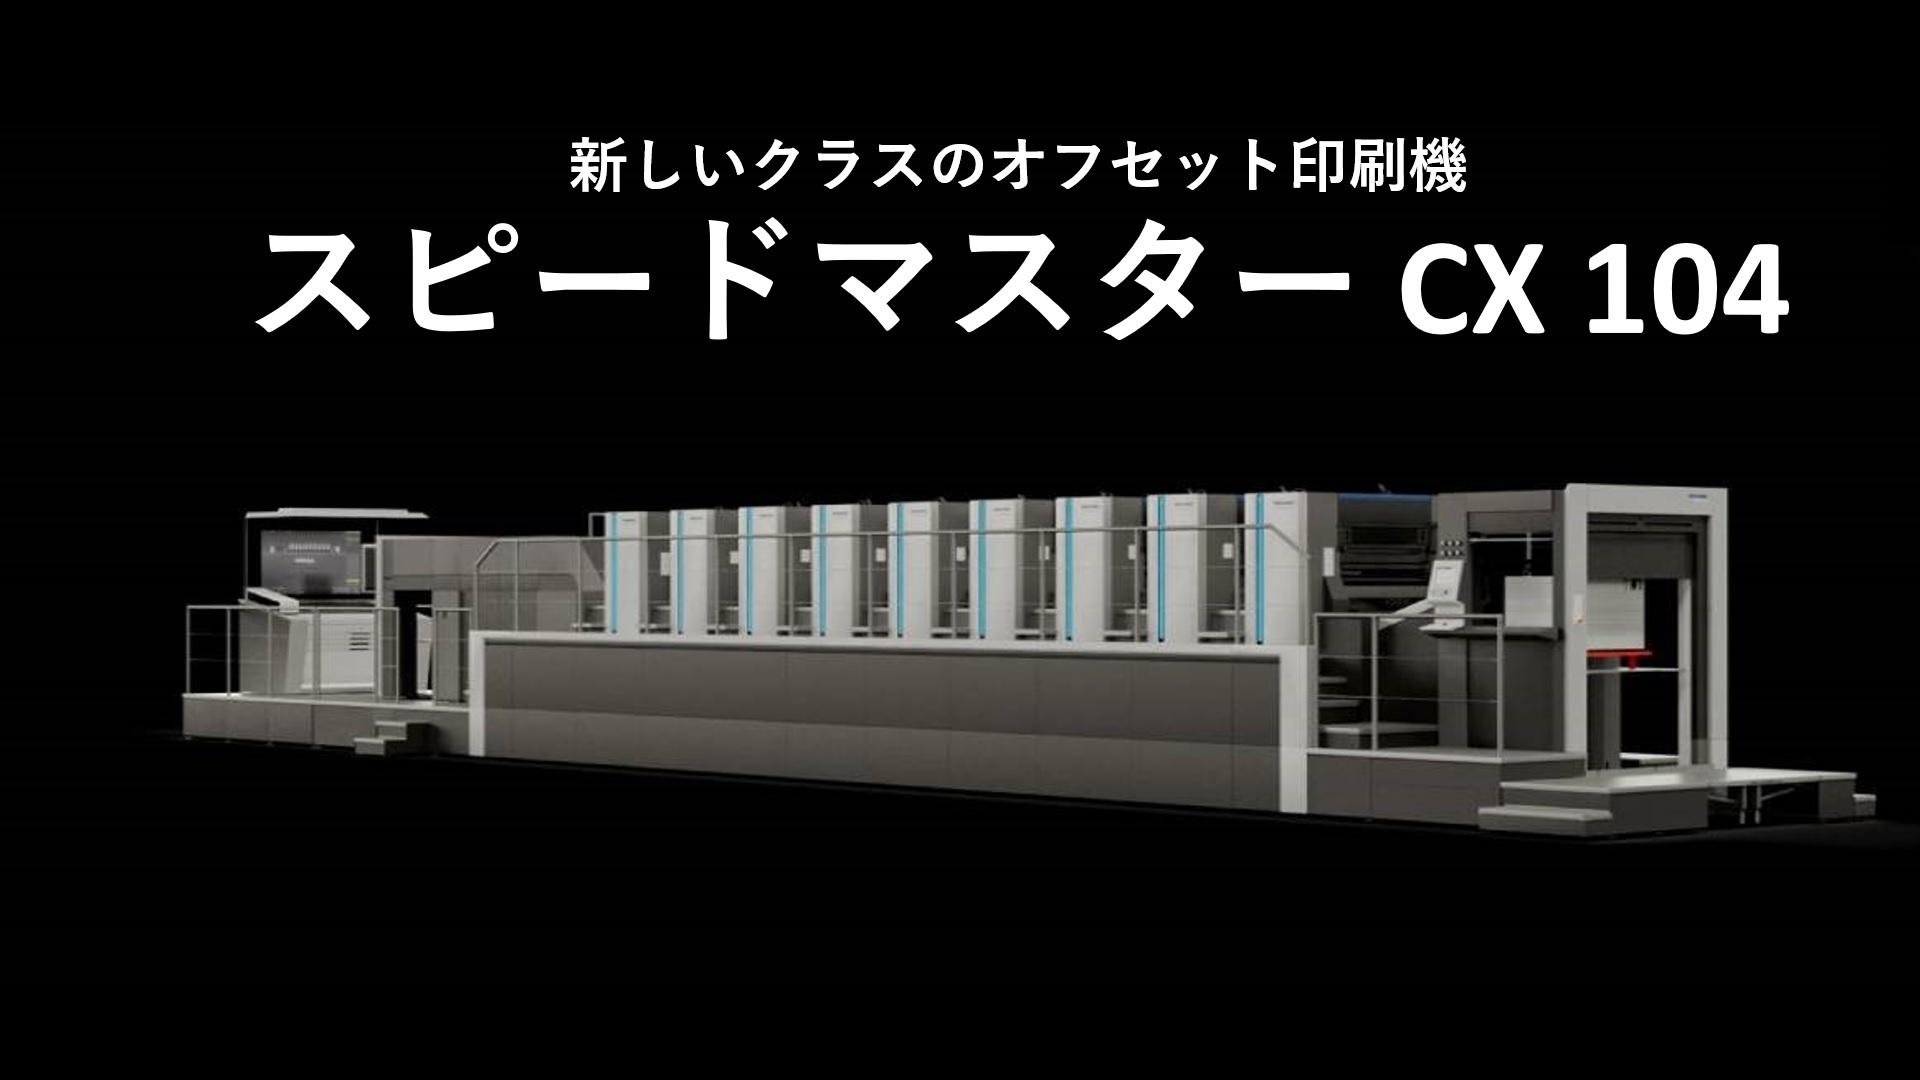 ハイデルベルグ枚葉印刷機<BR>アジアパシフィックの製品責任者が語る<BR>スピードマスター CX104  -その1-